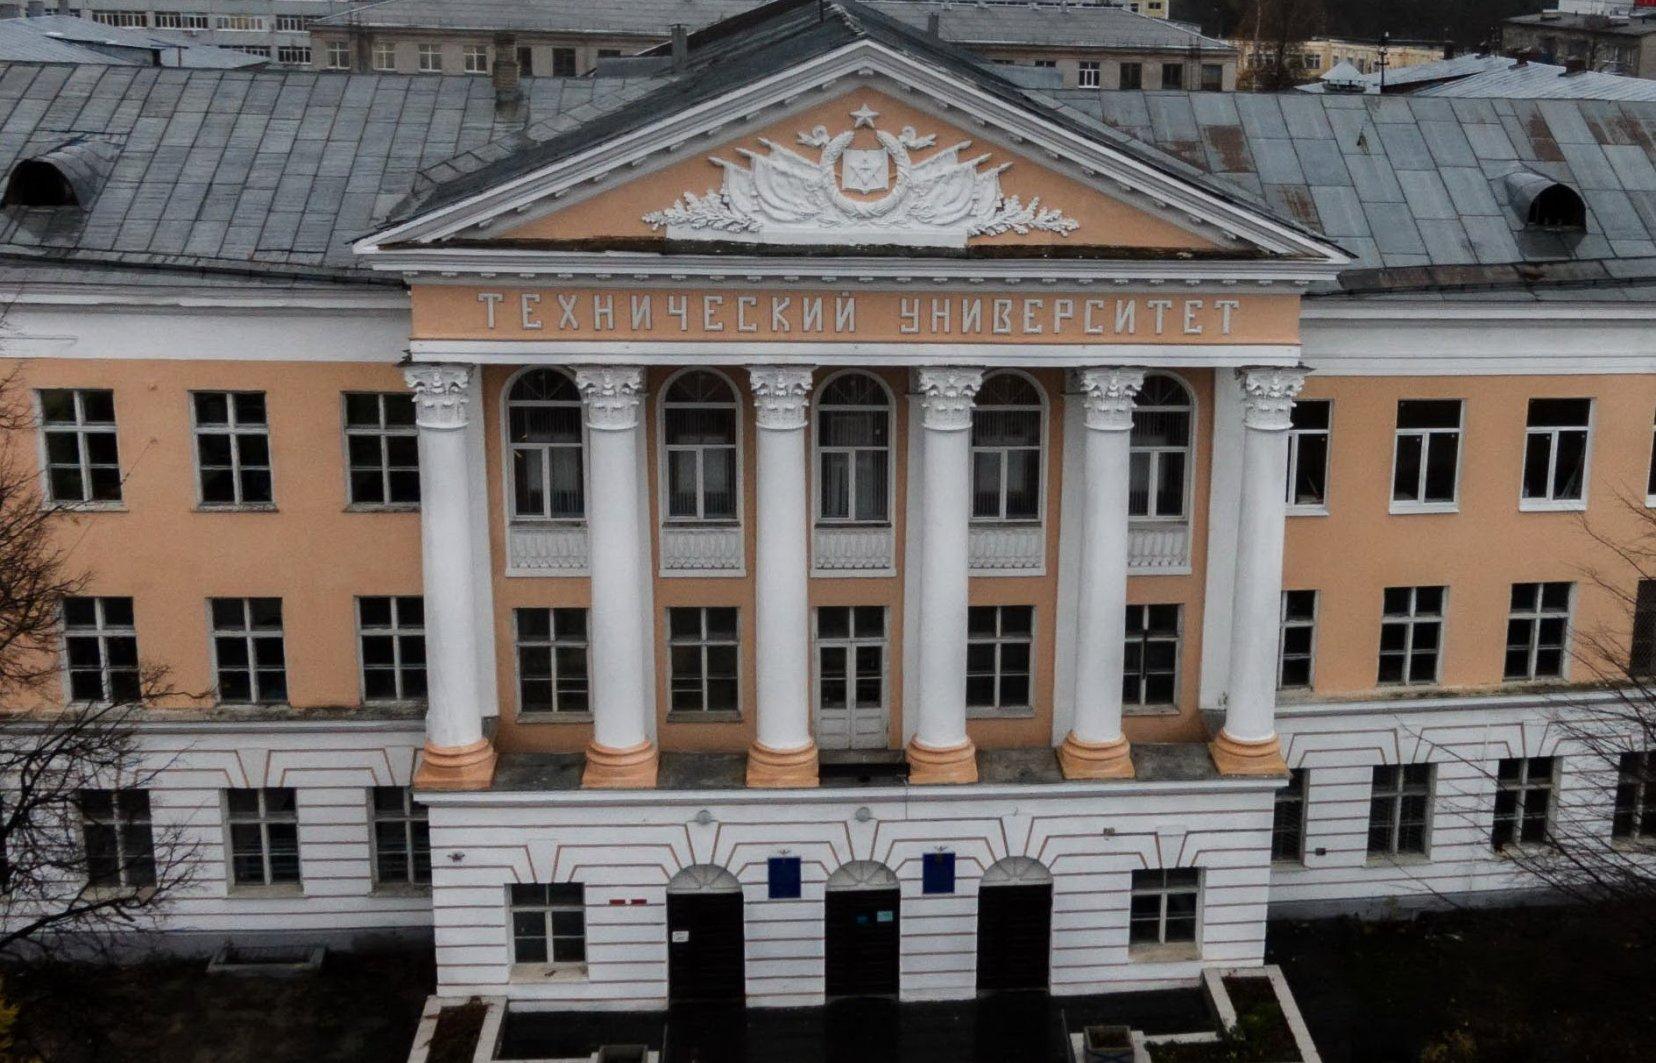 Двум молодым ученым ТвГТУ присуждена стипендия Президента России - новости Афанасий